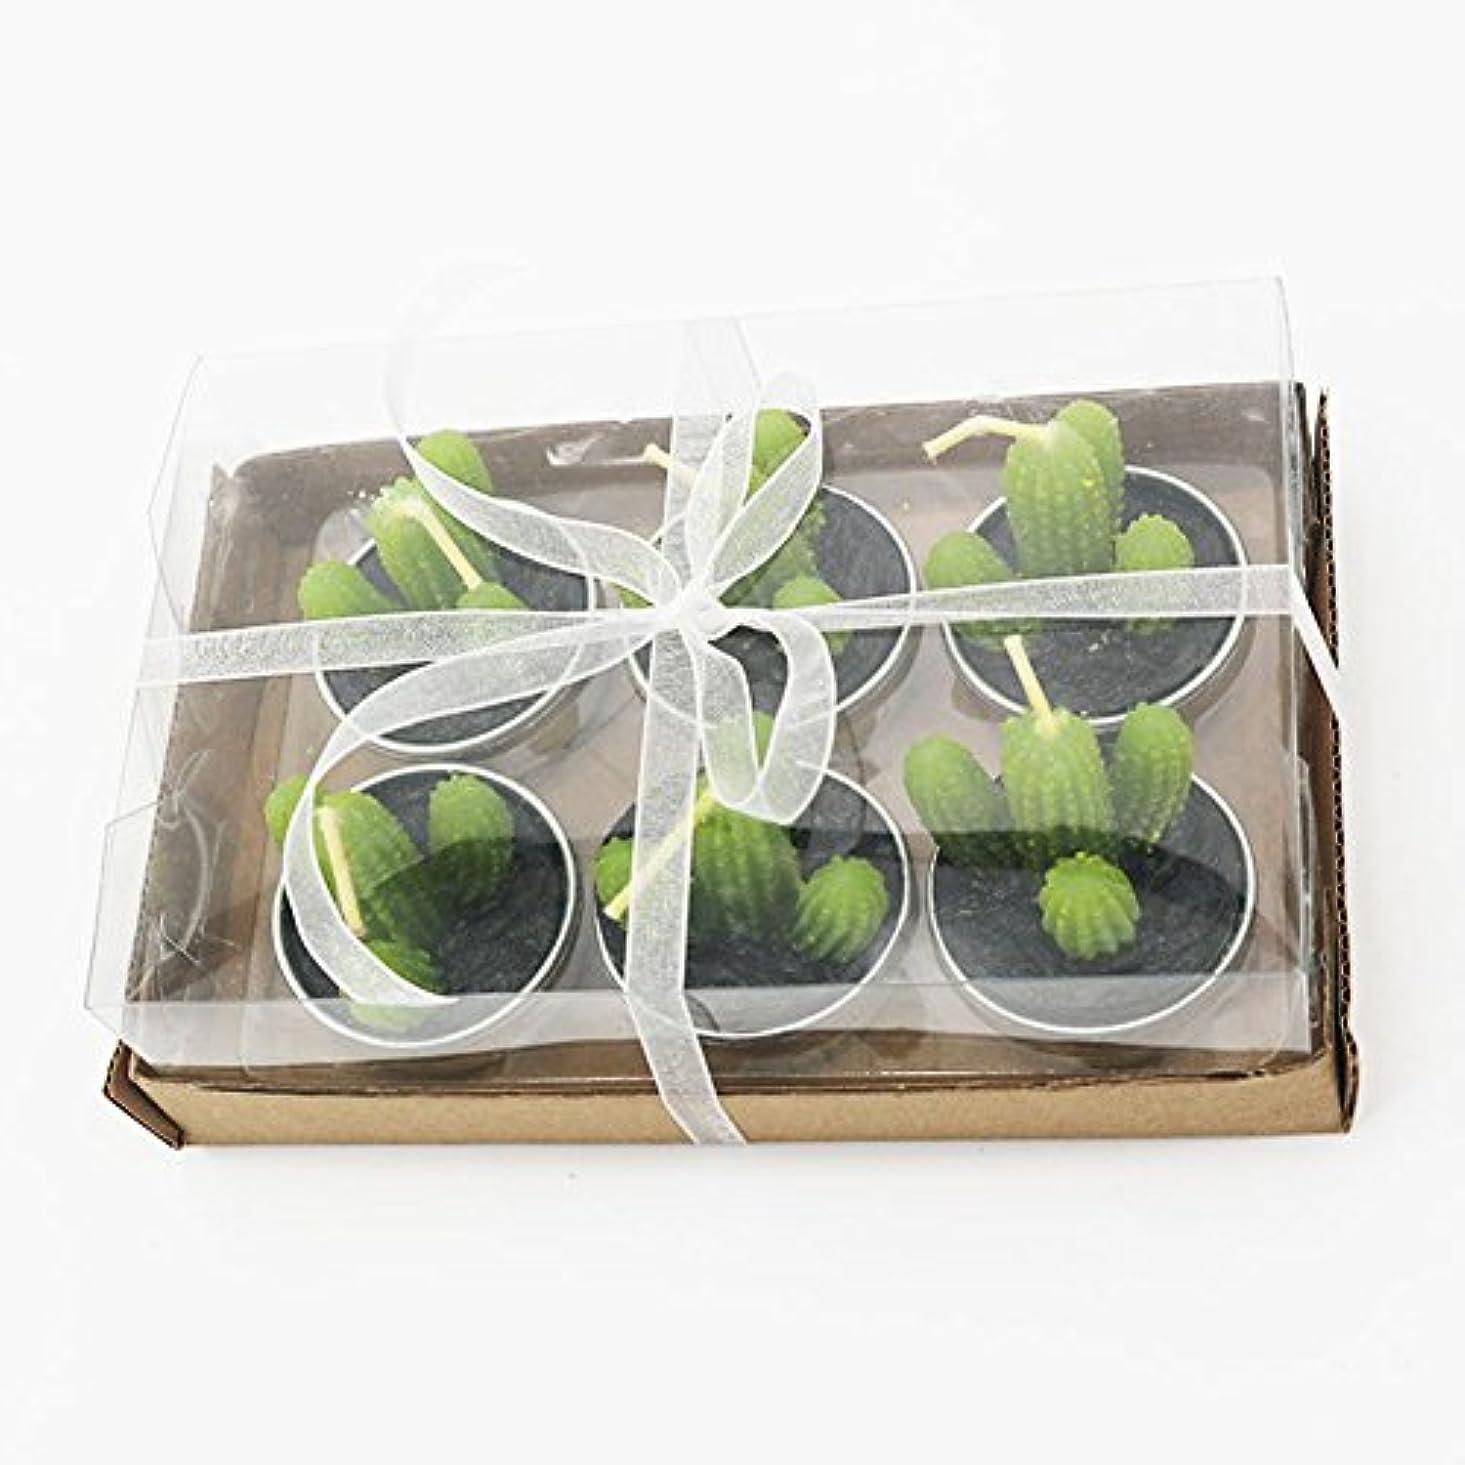 管理胆嚢刈るLiebeye キャンドル 多肉植物スモークフリーのクリエイティブなキャンドル100%自然のワックスかわいい模造植物フルーツの形状低温キャンドル 6個/箱 カクタス?ボックス